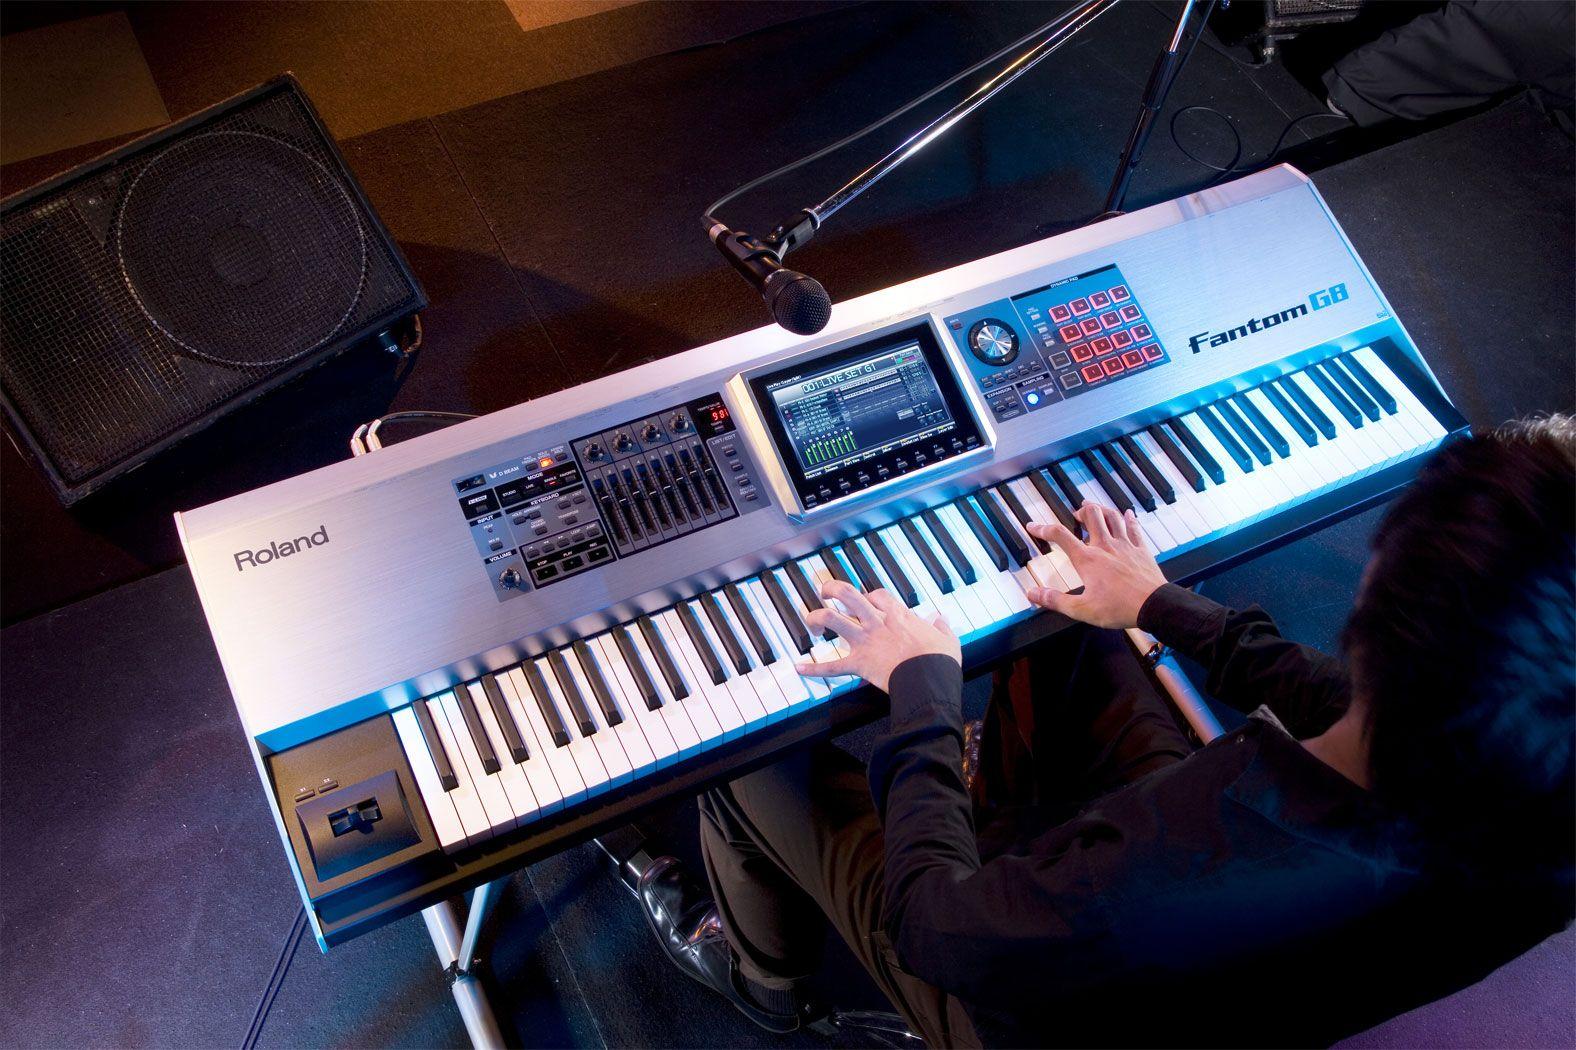 roland fantom g8 workstation keyboard keyboard in 2019 roland keyboard keyboard fun to. Black Bedroom Furniture Sets. Home Design Ideas